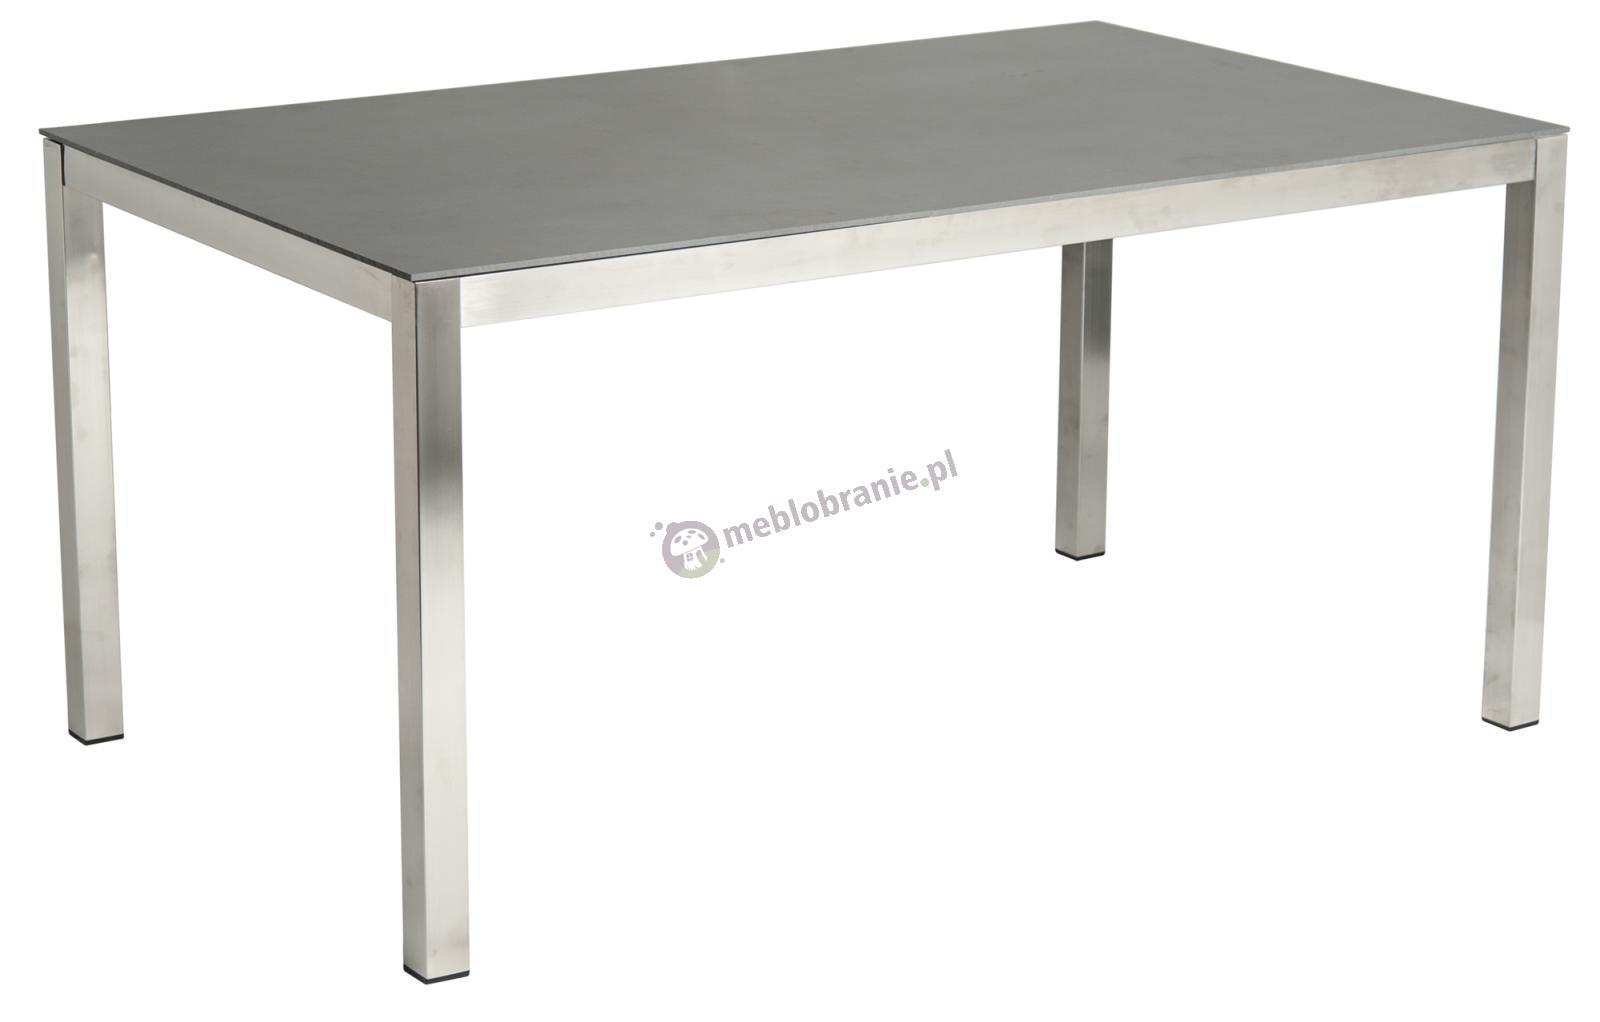 Alexander Rose Cologne stół ogrodowy ceramiczny prostokątny 912CDG